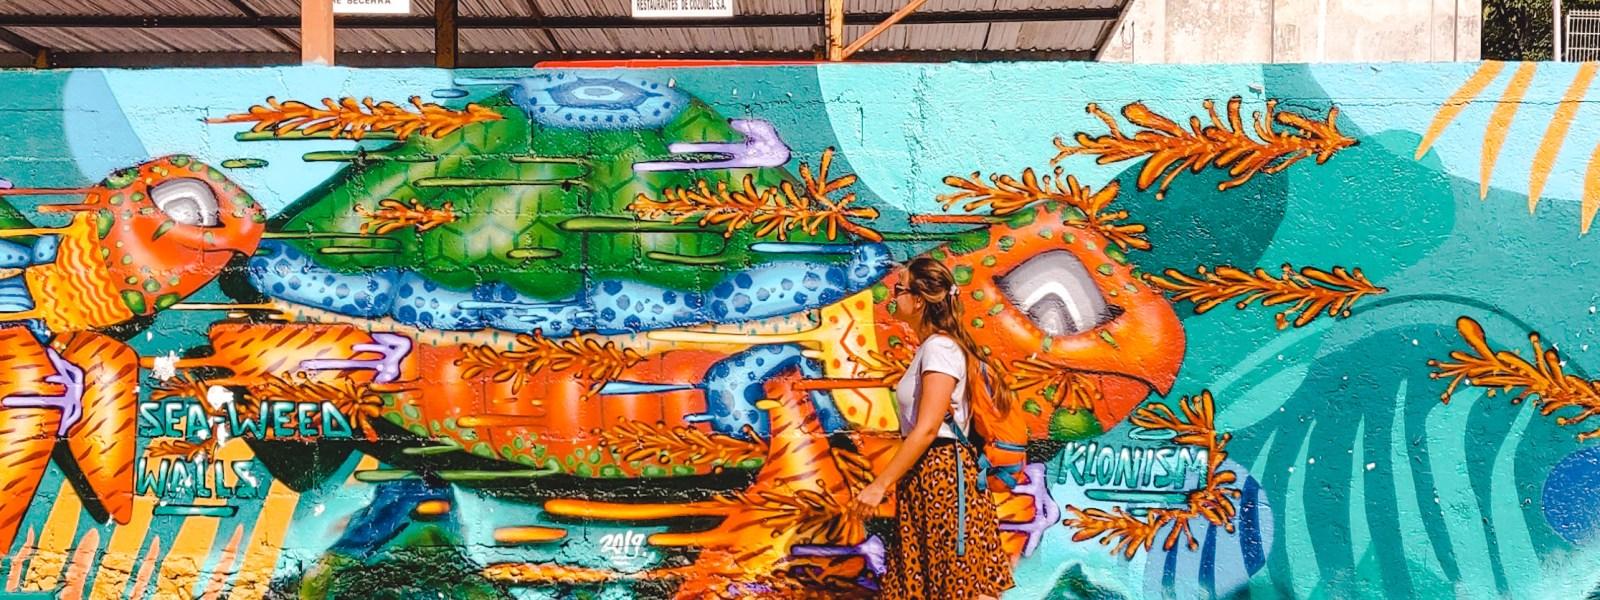 25 best street art cities: unique murals in the world